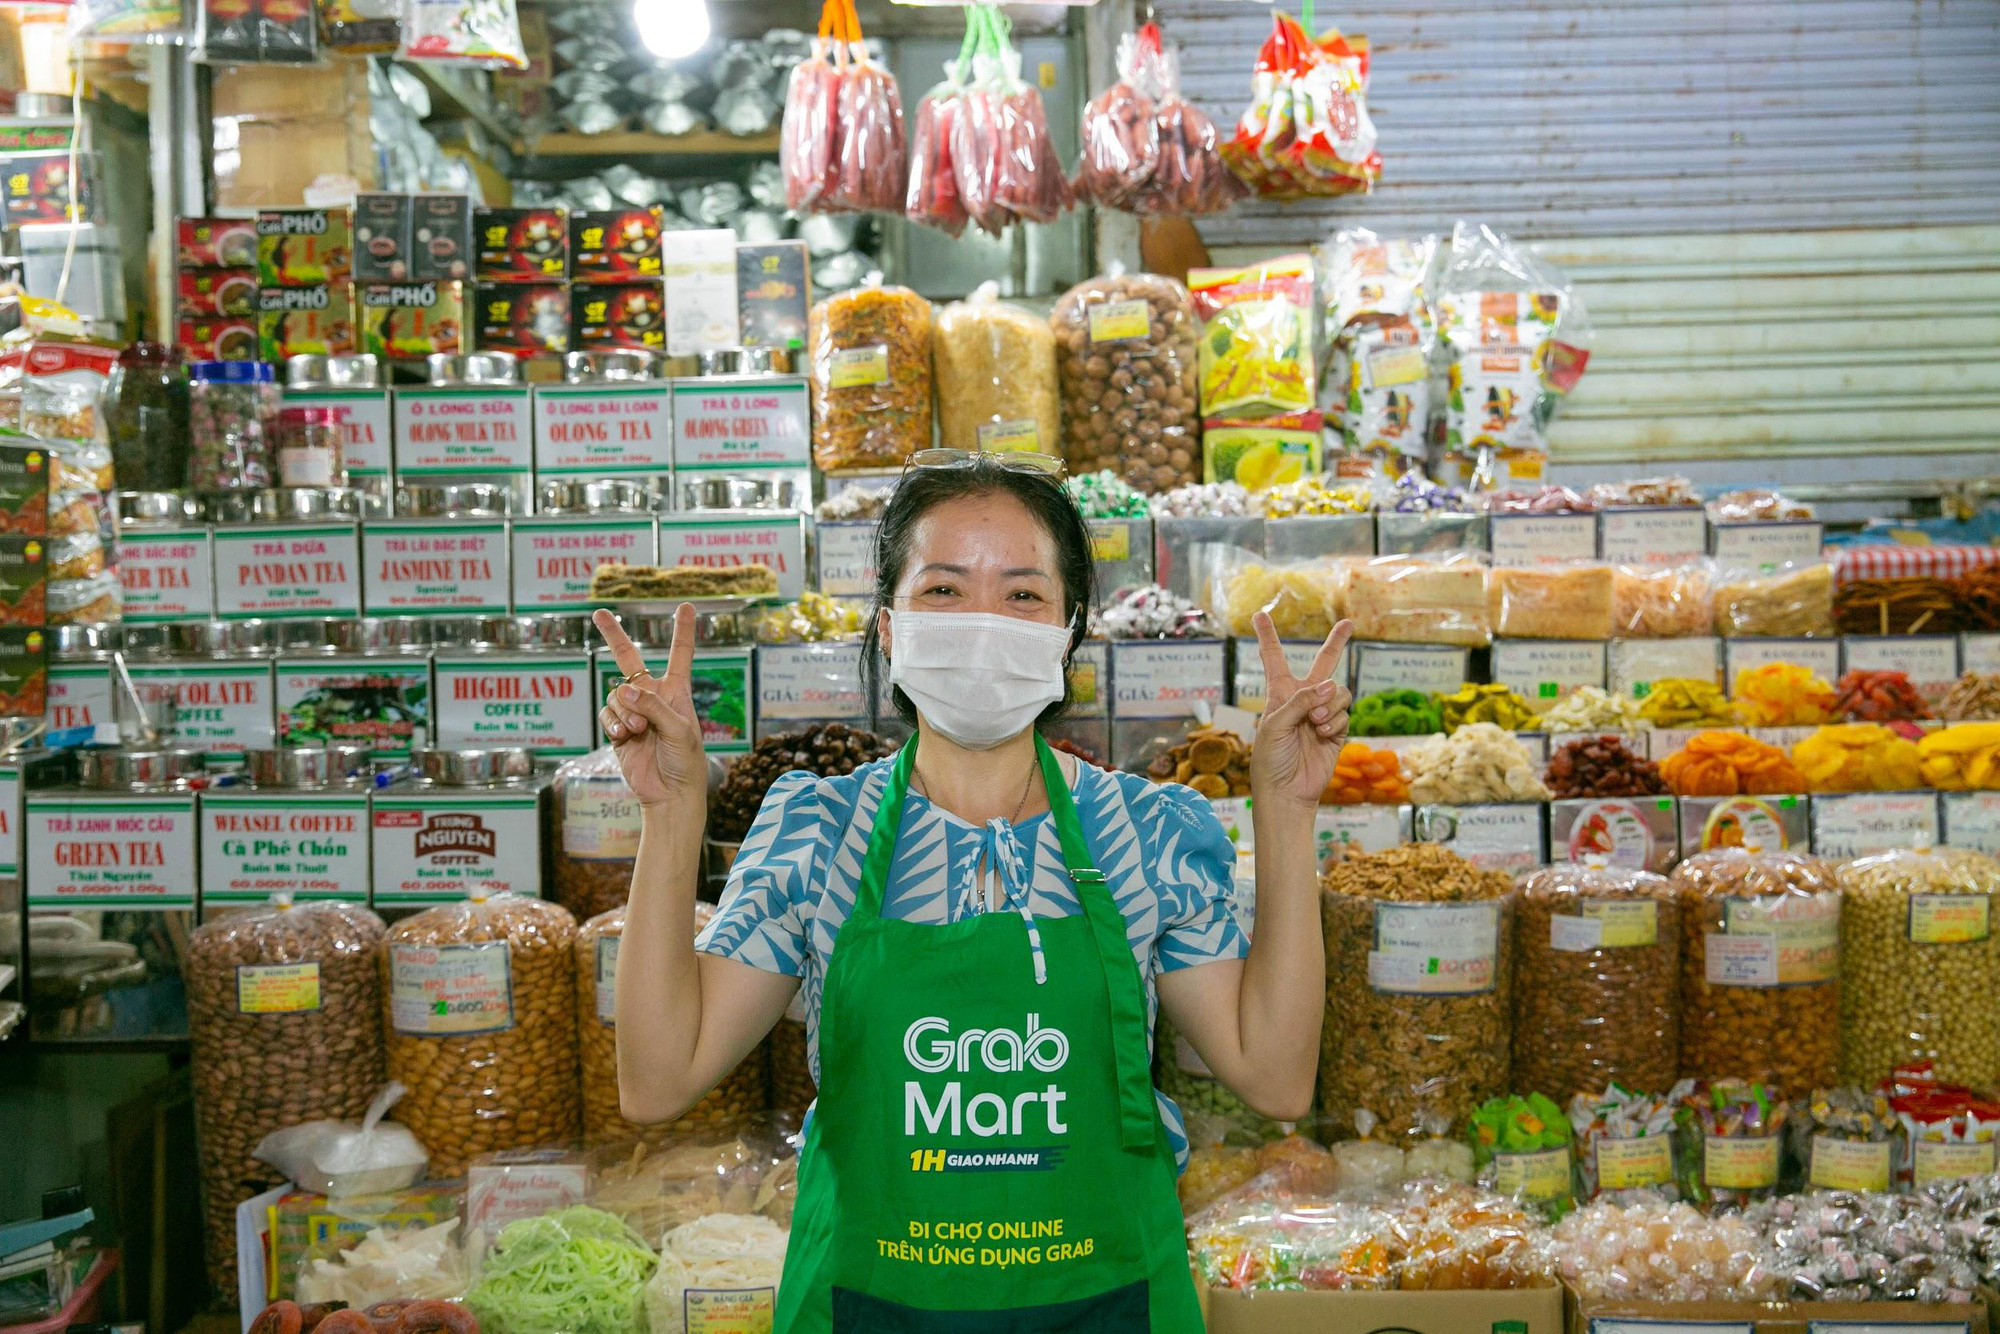 Mùa Covid-19, cô ba chú bảy chợ Bến Thành rủ nhau mở sạp online - Ảnh 7.